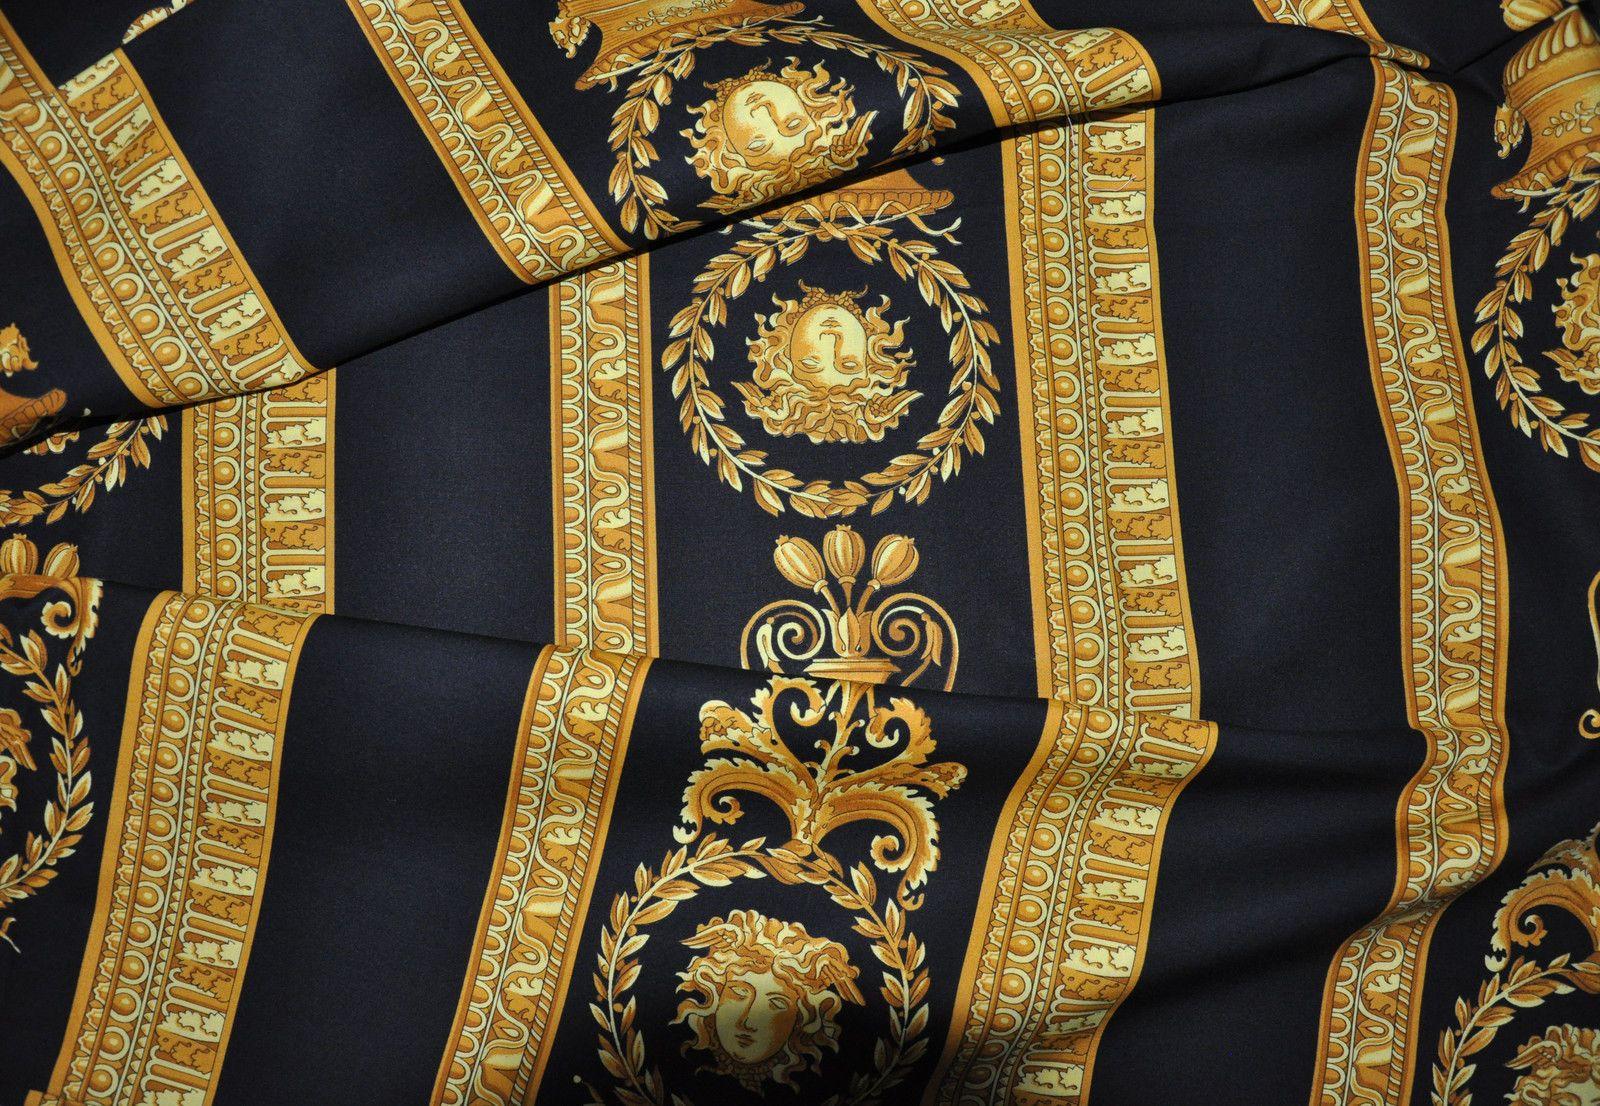 Versace Medusa Black King Size Flat Sheet Full Pattern Ebay Versace Wallpaper Warriors Wallpaper Golden State Warriors Wallpaper